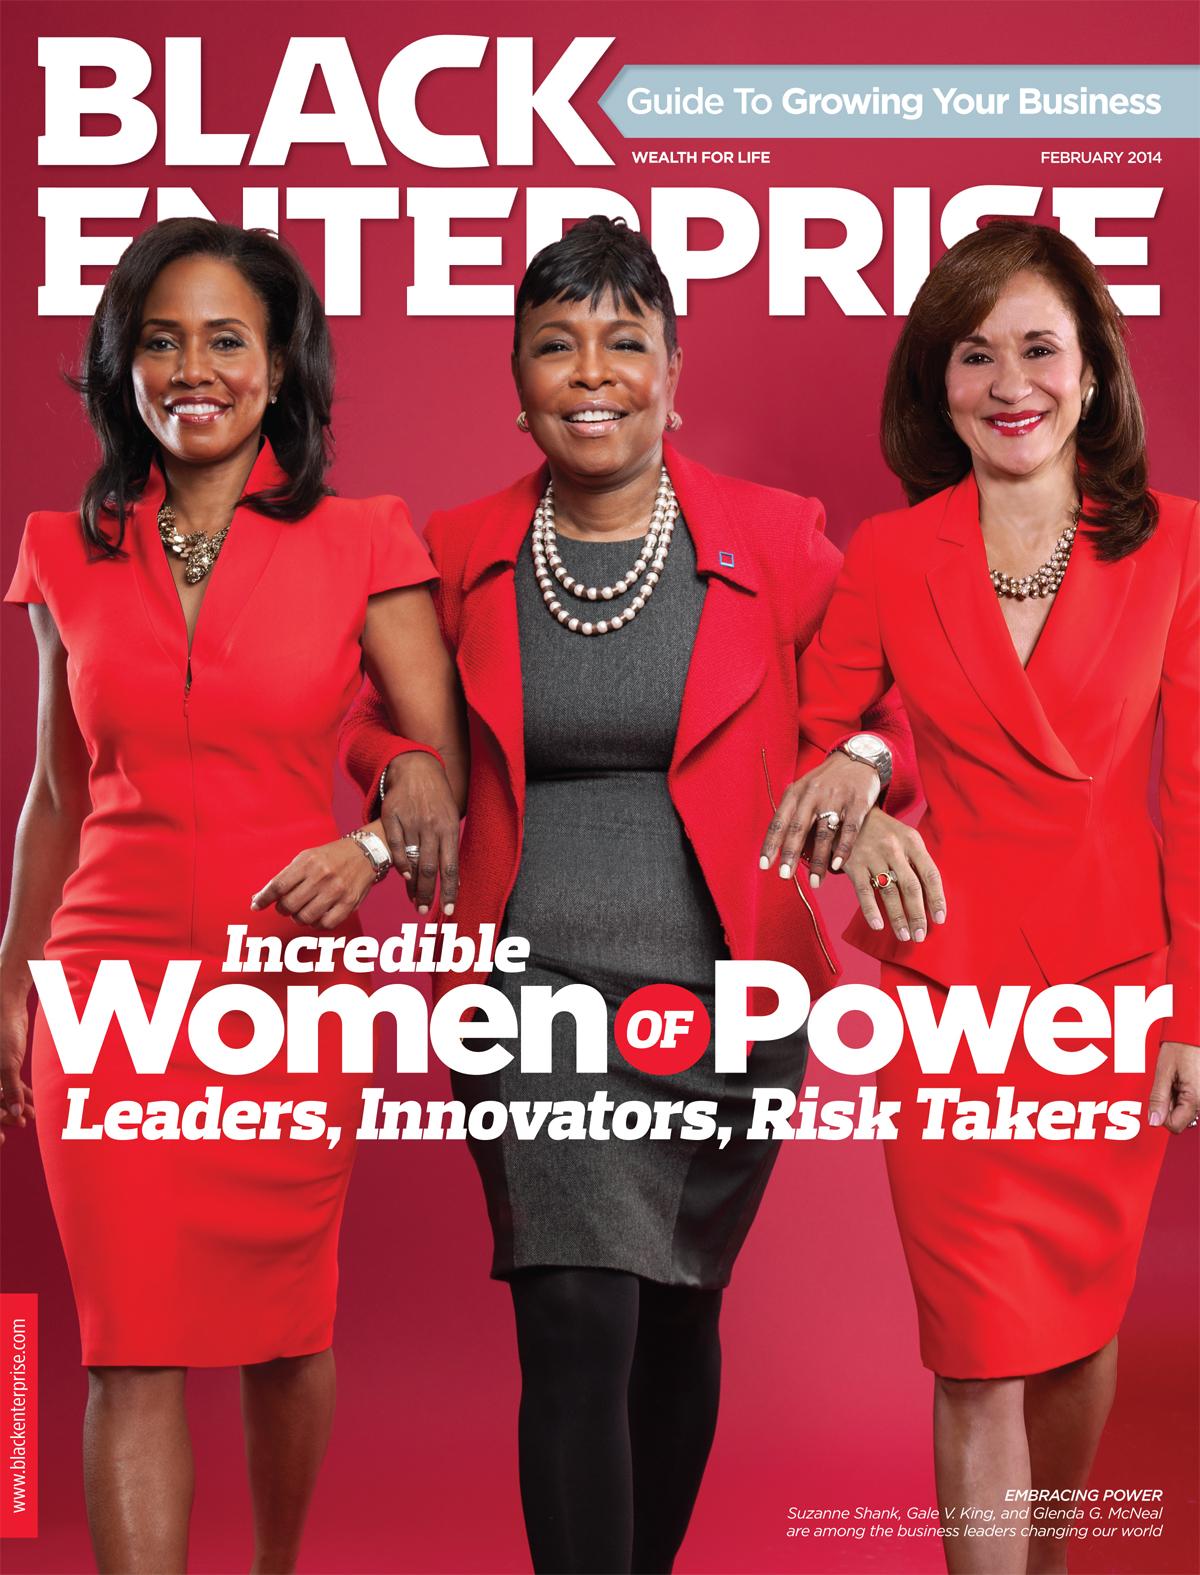 Women of Power: Rebels, Revolutionaries, Rule Breakers